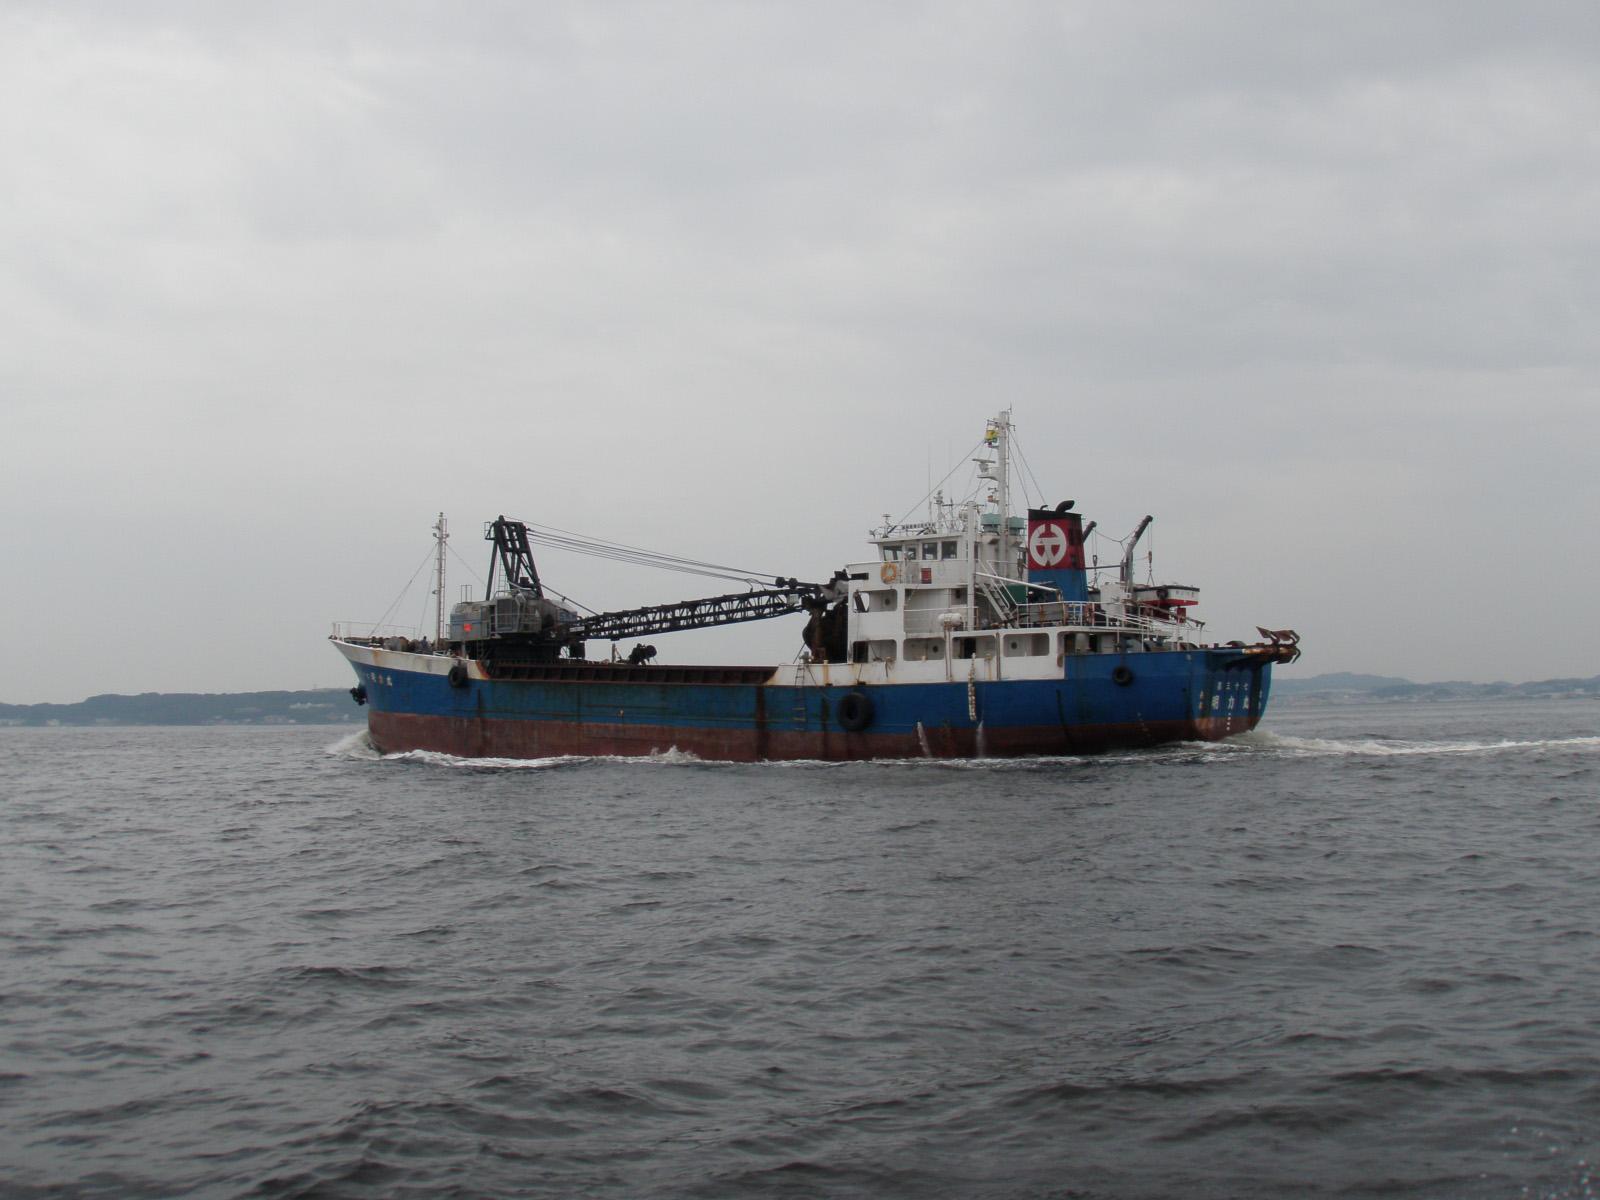 左に航行中のクレーンを積んだ作業船の写真